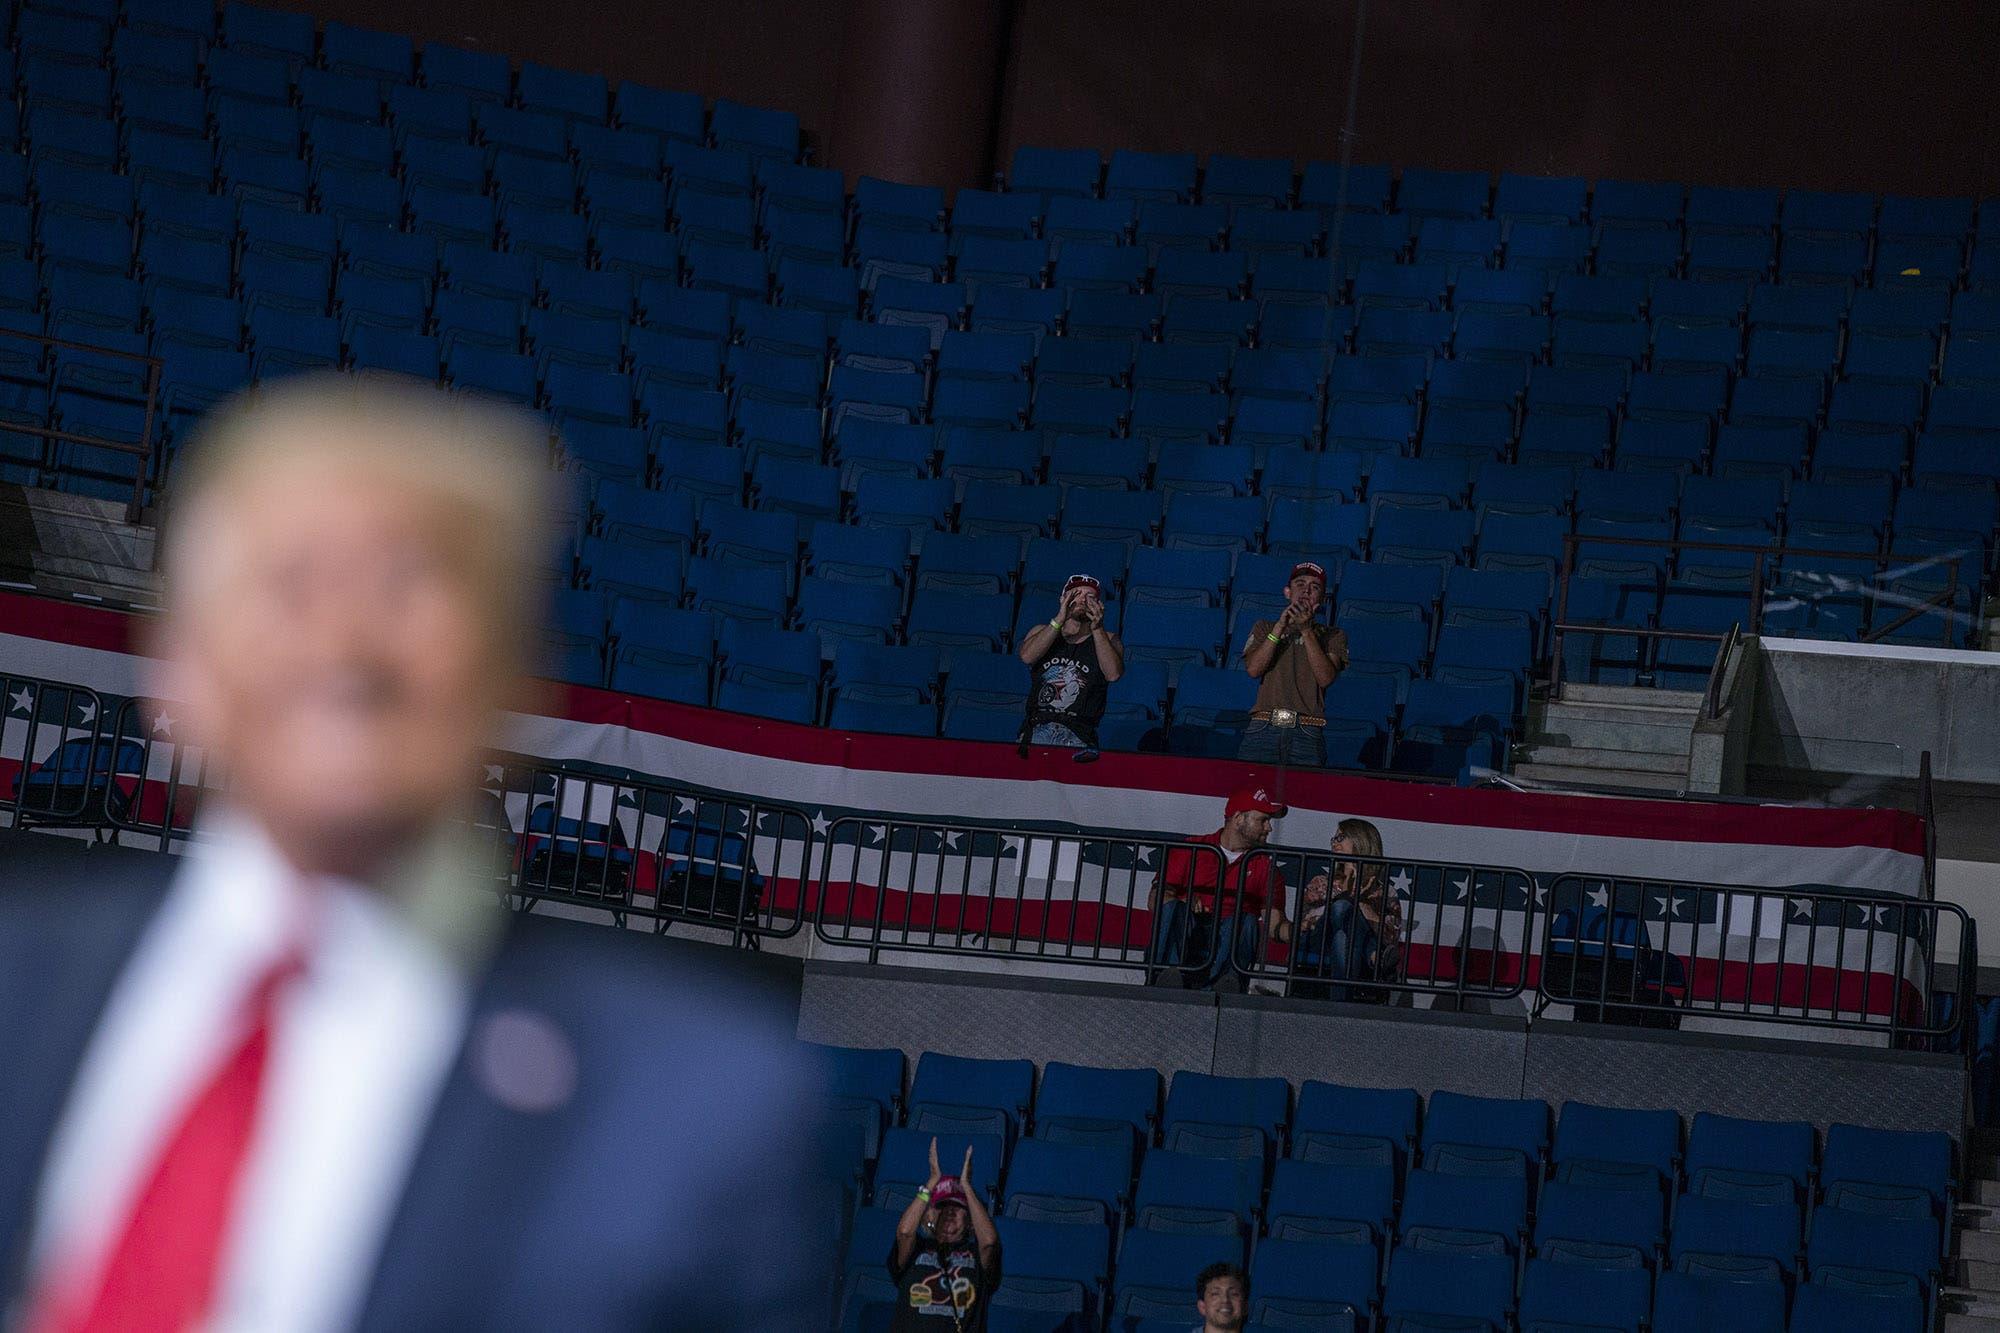 ¿Los usuarios de TikTok y los fans del K-pop dejaron solo a Donald Trump?